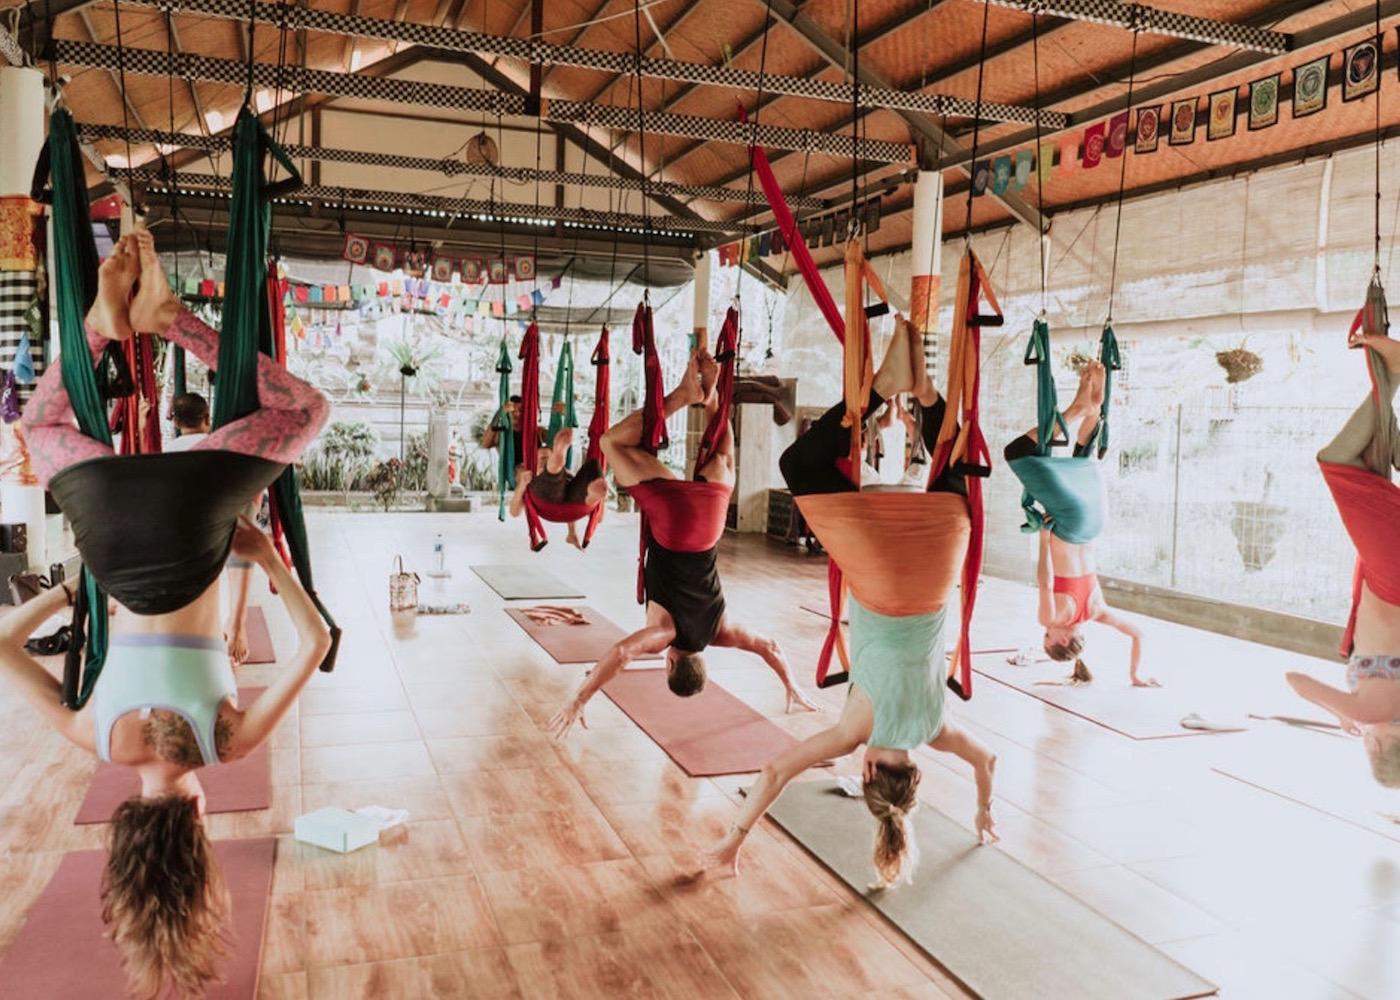 Aerial yoga at Pranava Yoga studio in Canggu, Bali, Indonesia